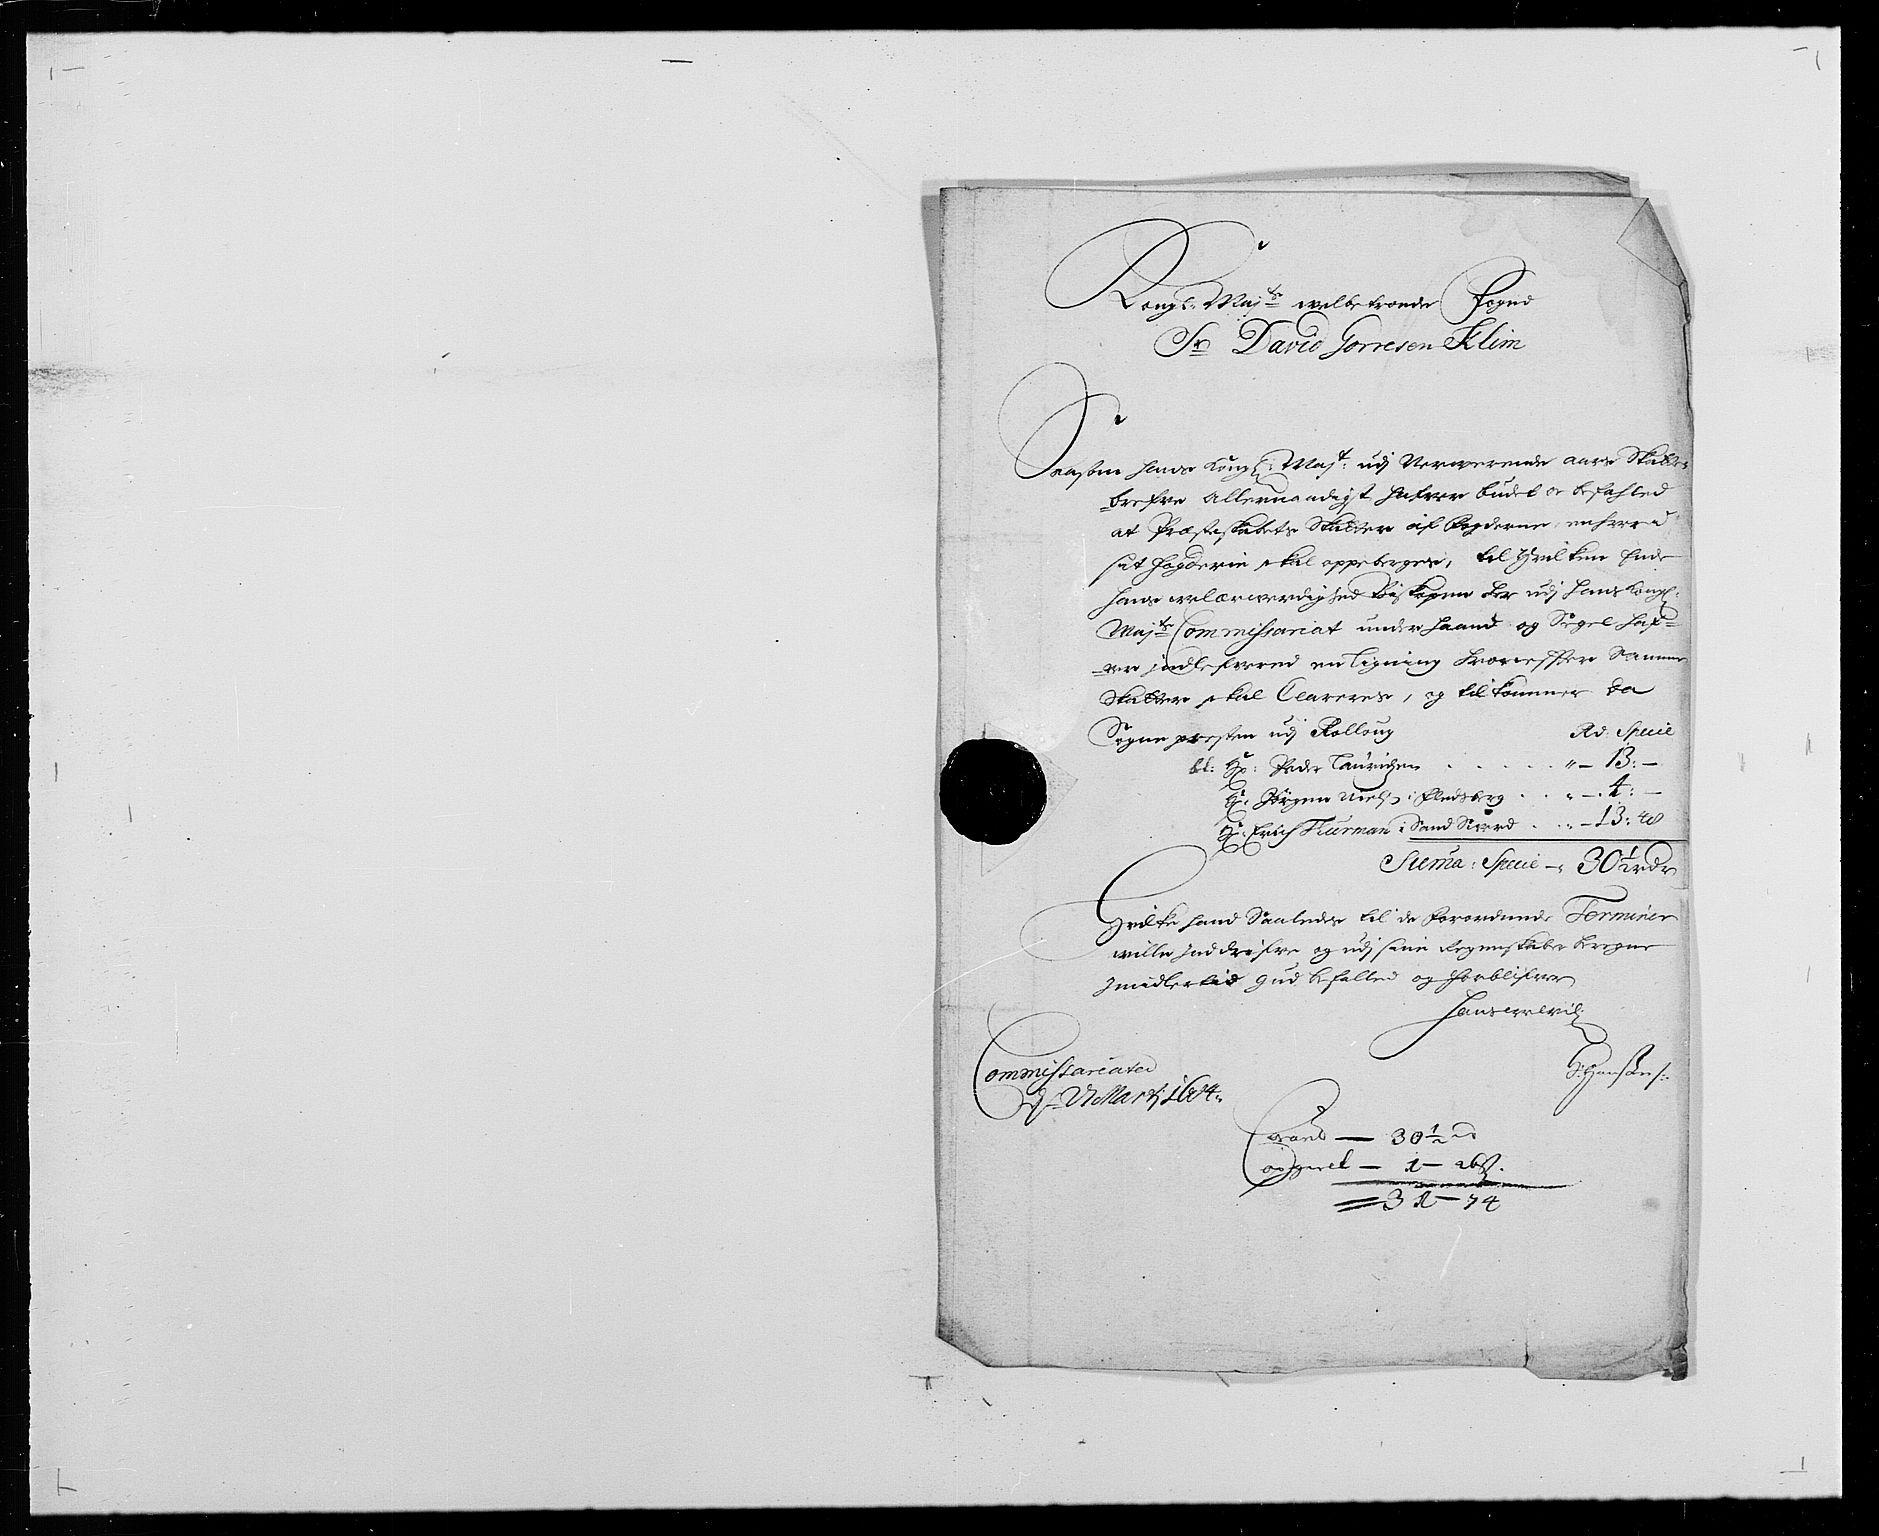 RA, Rentekammeret inntil 1814, Reviderte regnskaper, Fogderegnskap, R24/L1571: Fogderegnskap Numedal og Sandsvær, 1679-1686, s. 236